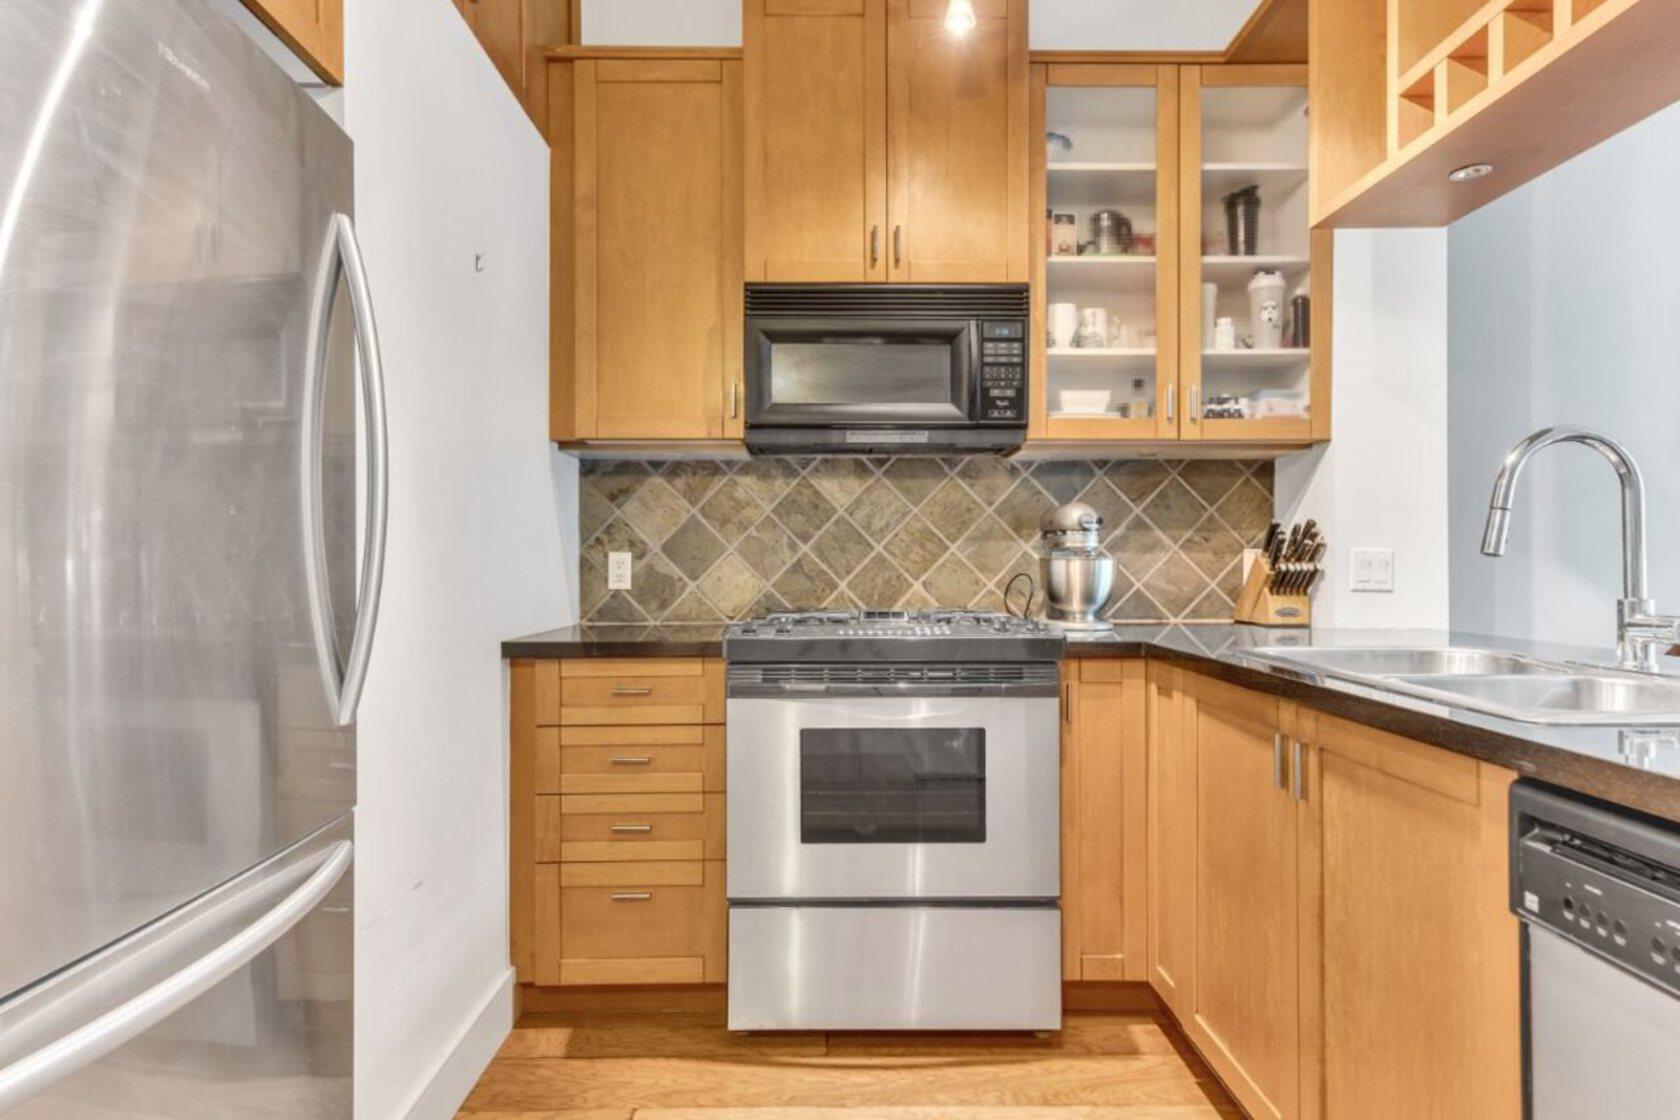 8988-hudson-street-marpole-vancouver-west-08 at 322 - 8988 Hudson Street, Marpole, Vancouver West